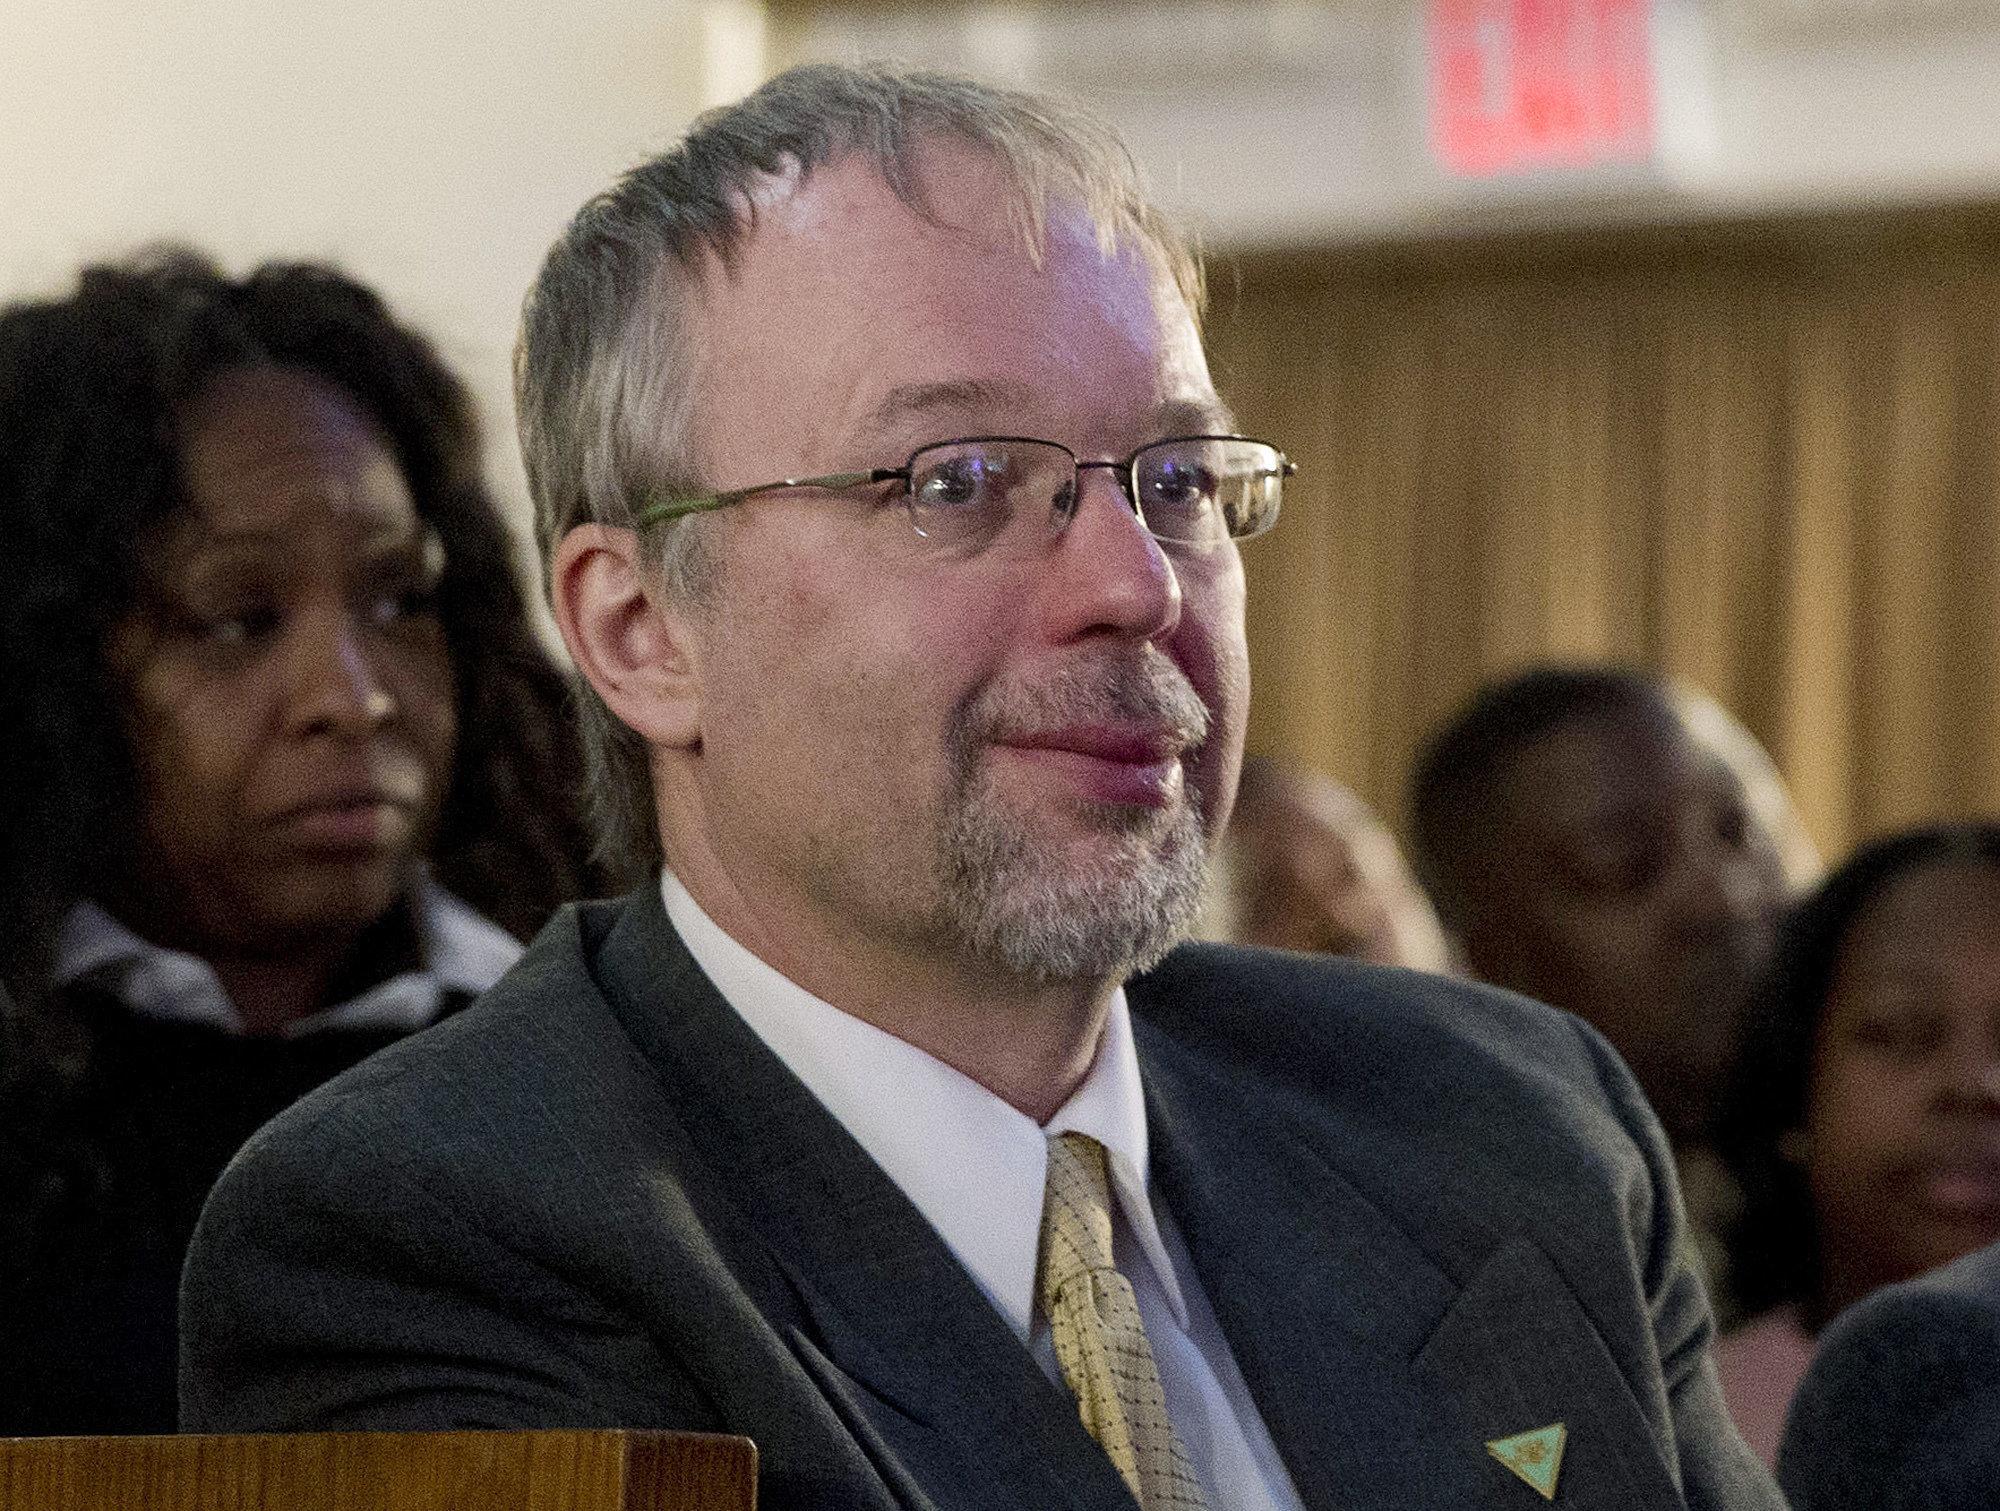 Levi Sanders, hijo del entonces candidato presidencial Bernie Sanders, escucha mientras su padre habla en la Iglesia Bautista Corinthians en Nueva York, el 17 de abril del 2016. (AP Foto/Mary Altaffer)